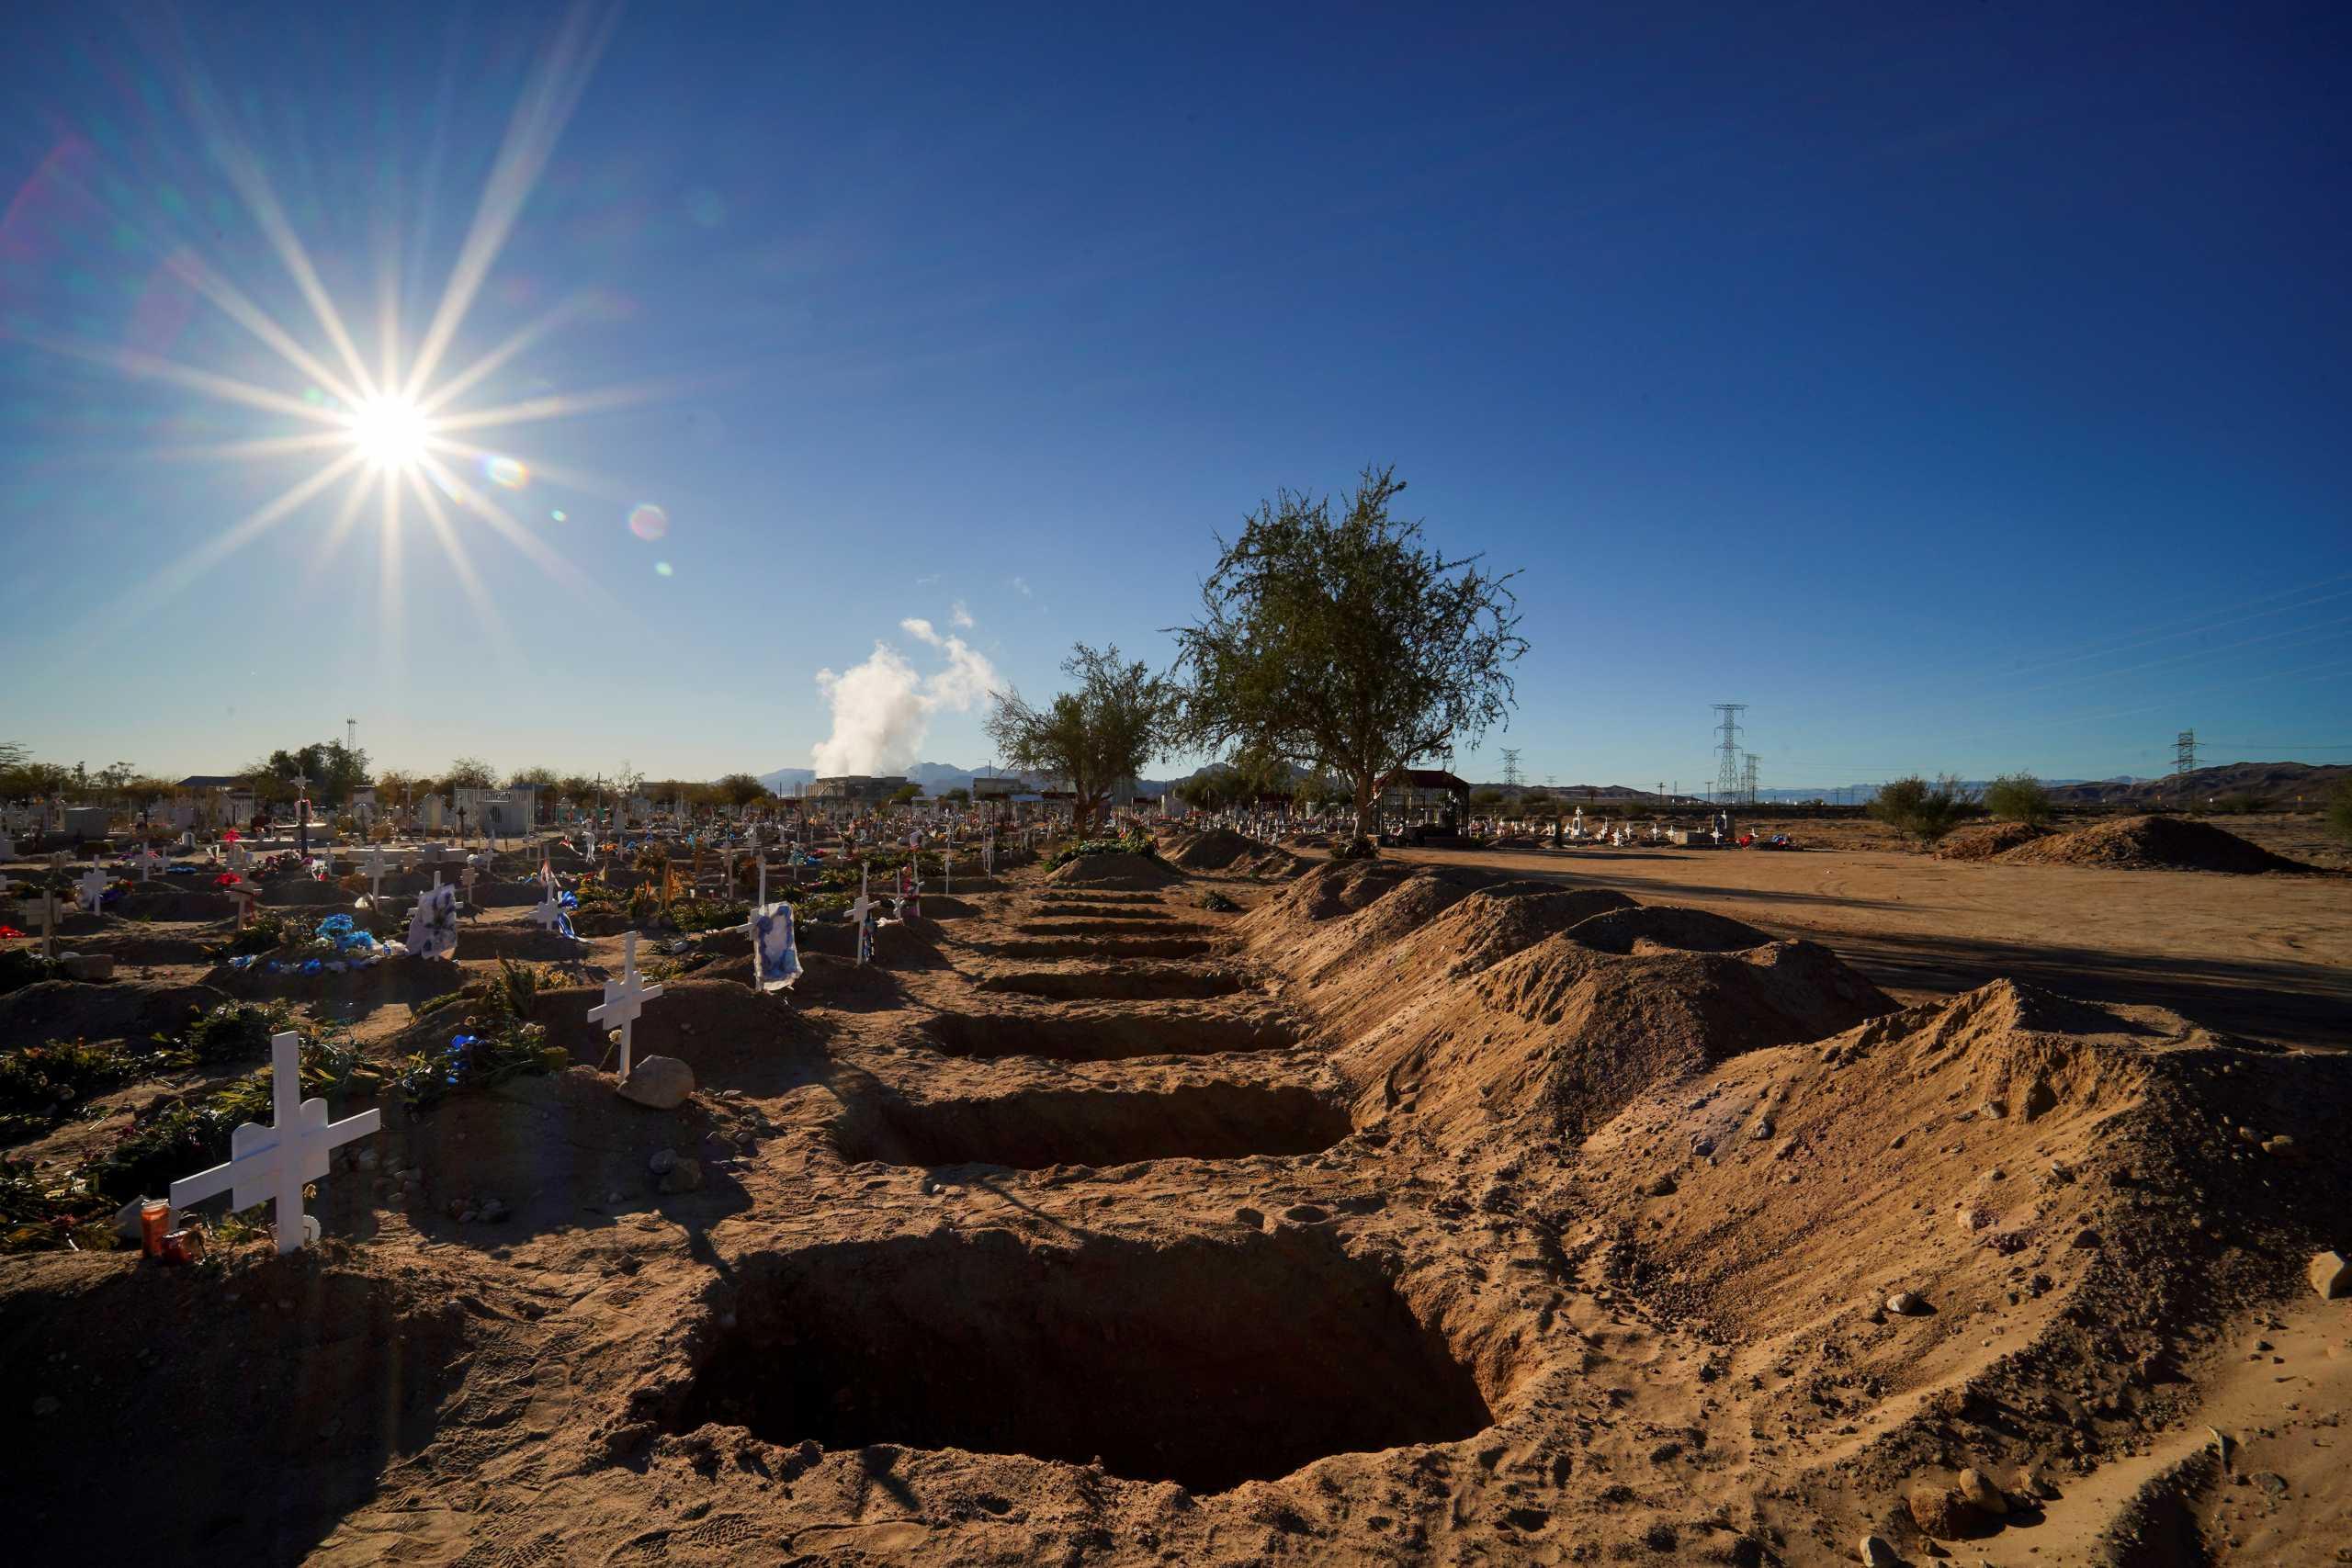 Λατινική Αμερική: Ξεπέρασαν τις 600.000 οι νεκροί από κορονοϊό – Πάνω από 19 εκατ. τα κρούσματα